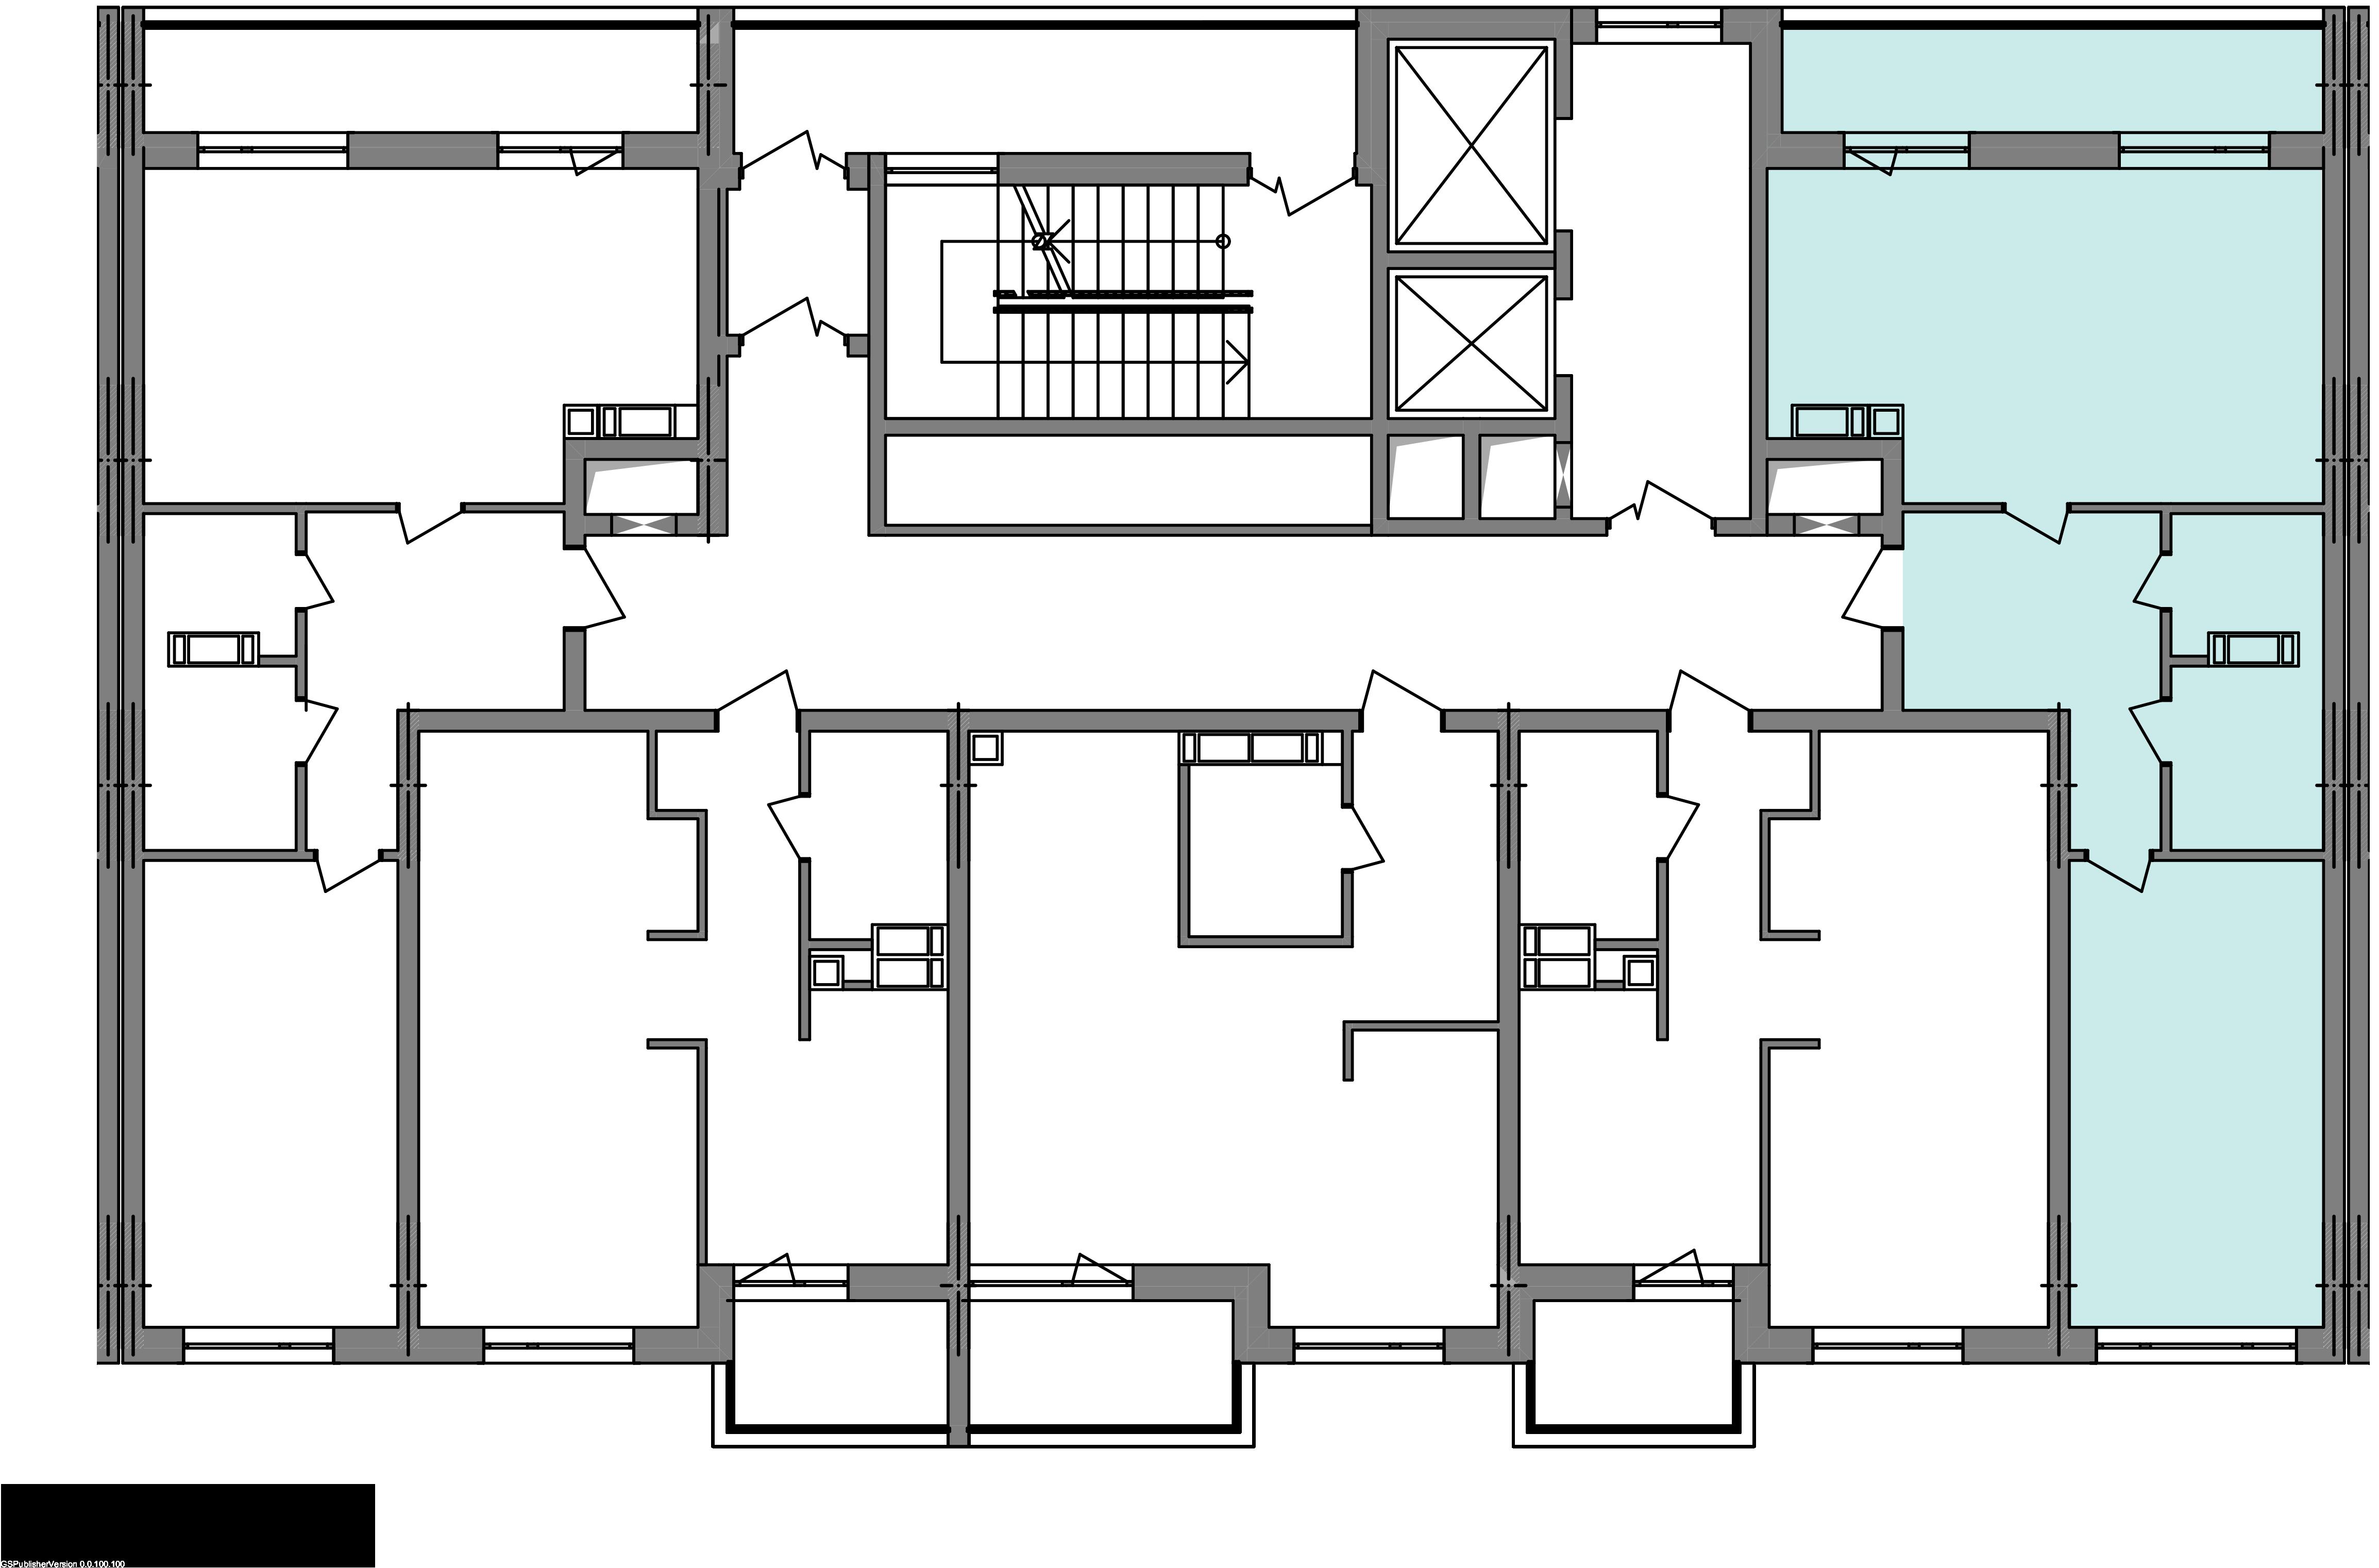 Двухкомнатная квартира 59,73 кв.м., тип 2.3, дом 3, секція 2 расположение на этаже